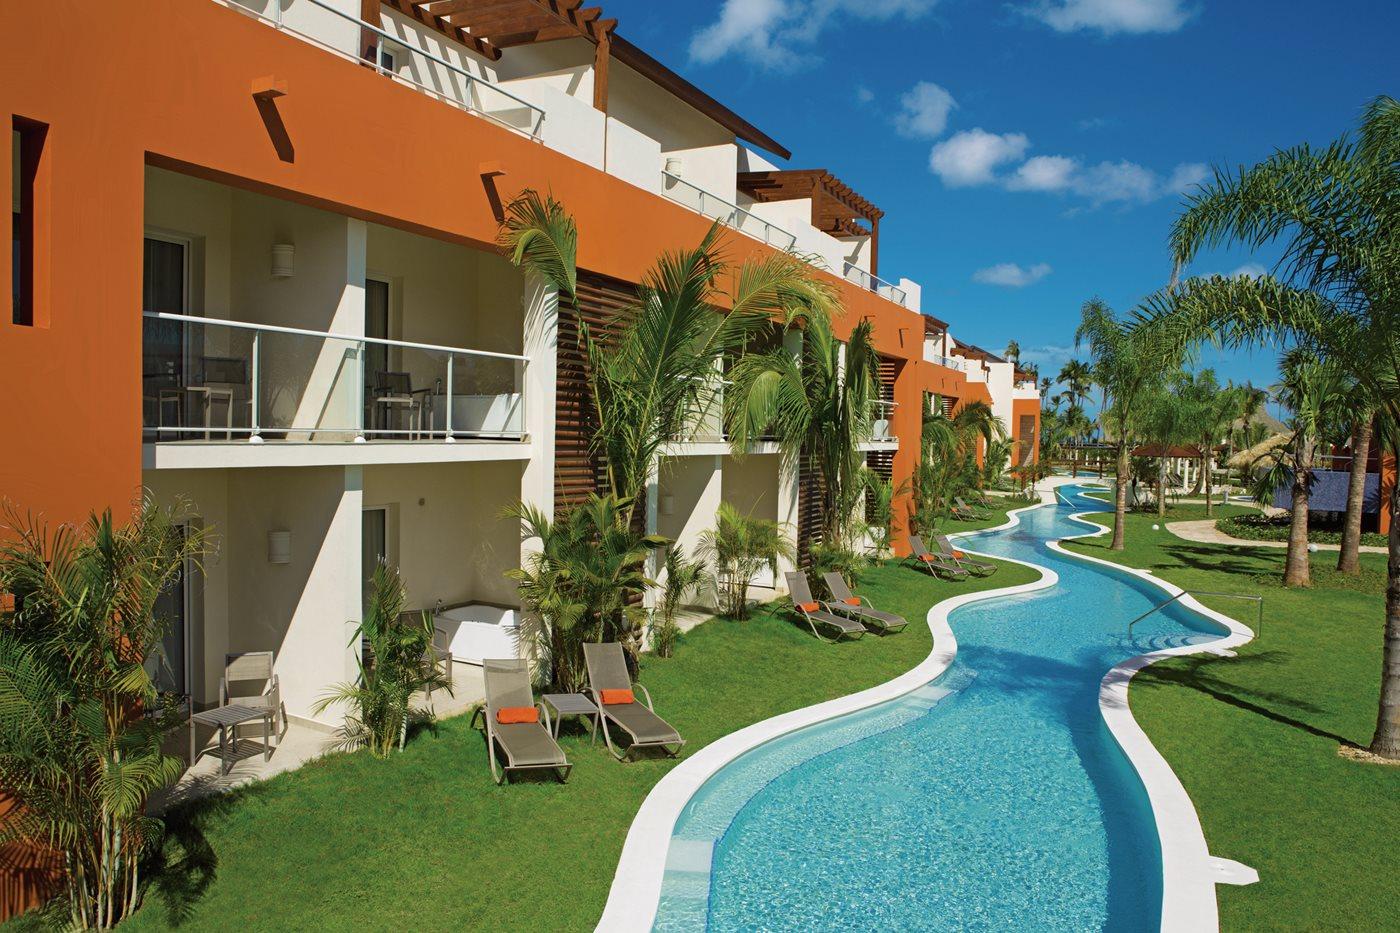 5 hôtels en République dominicaine pour 5 types de voyageurs